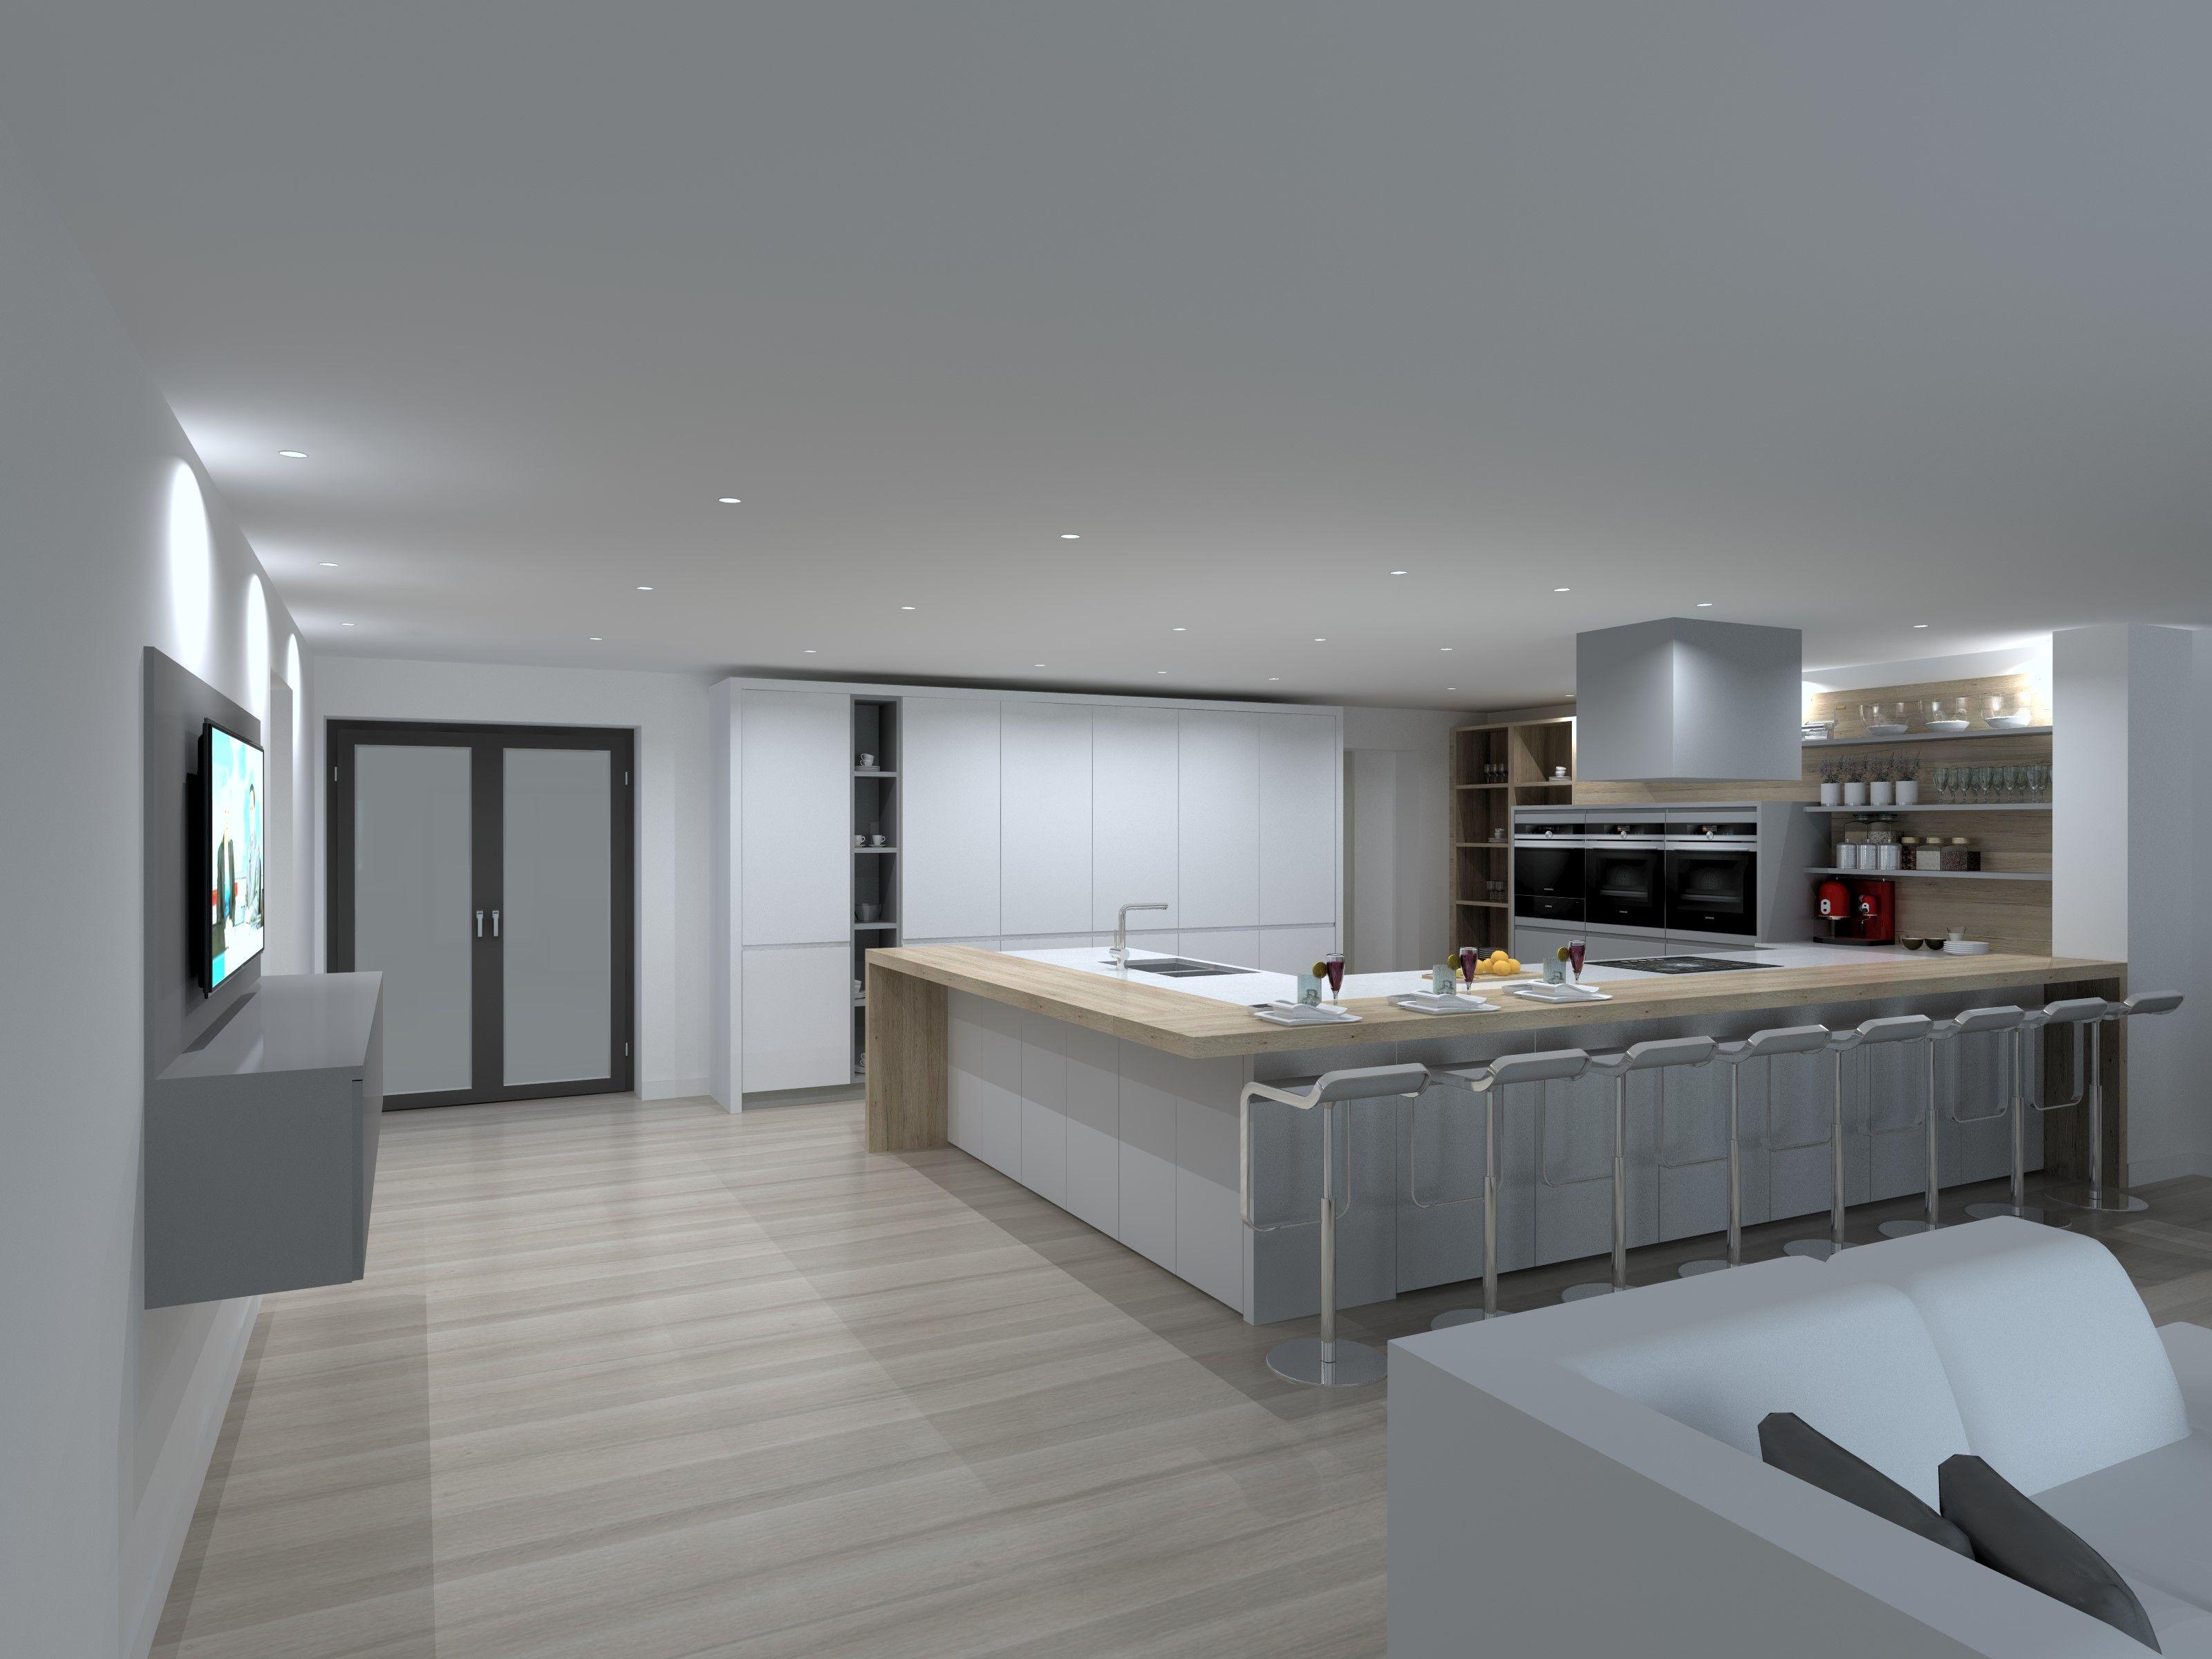 Nett Küchendesign Victoria Galerie - Küche Set Ideen ...